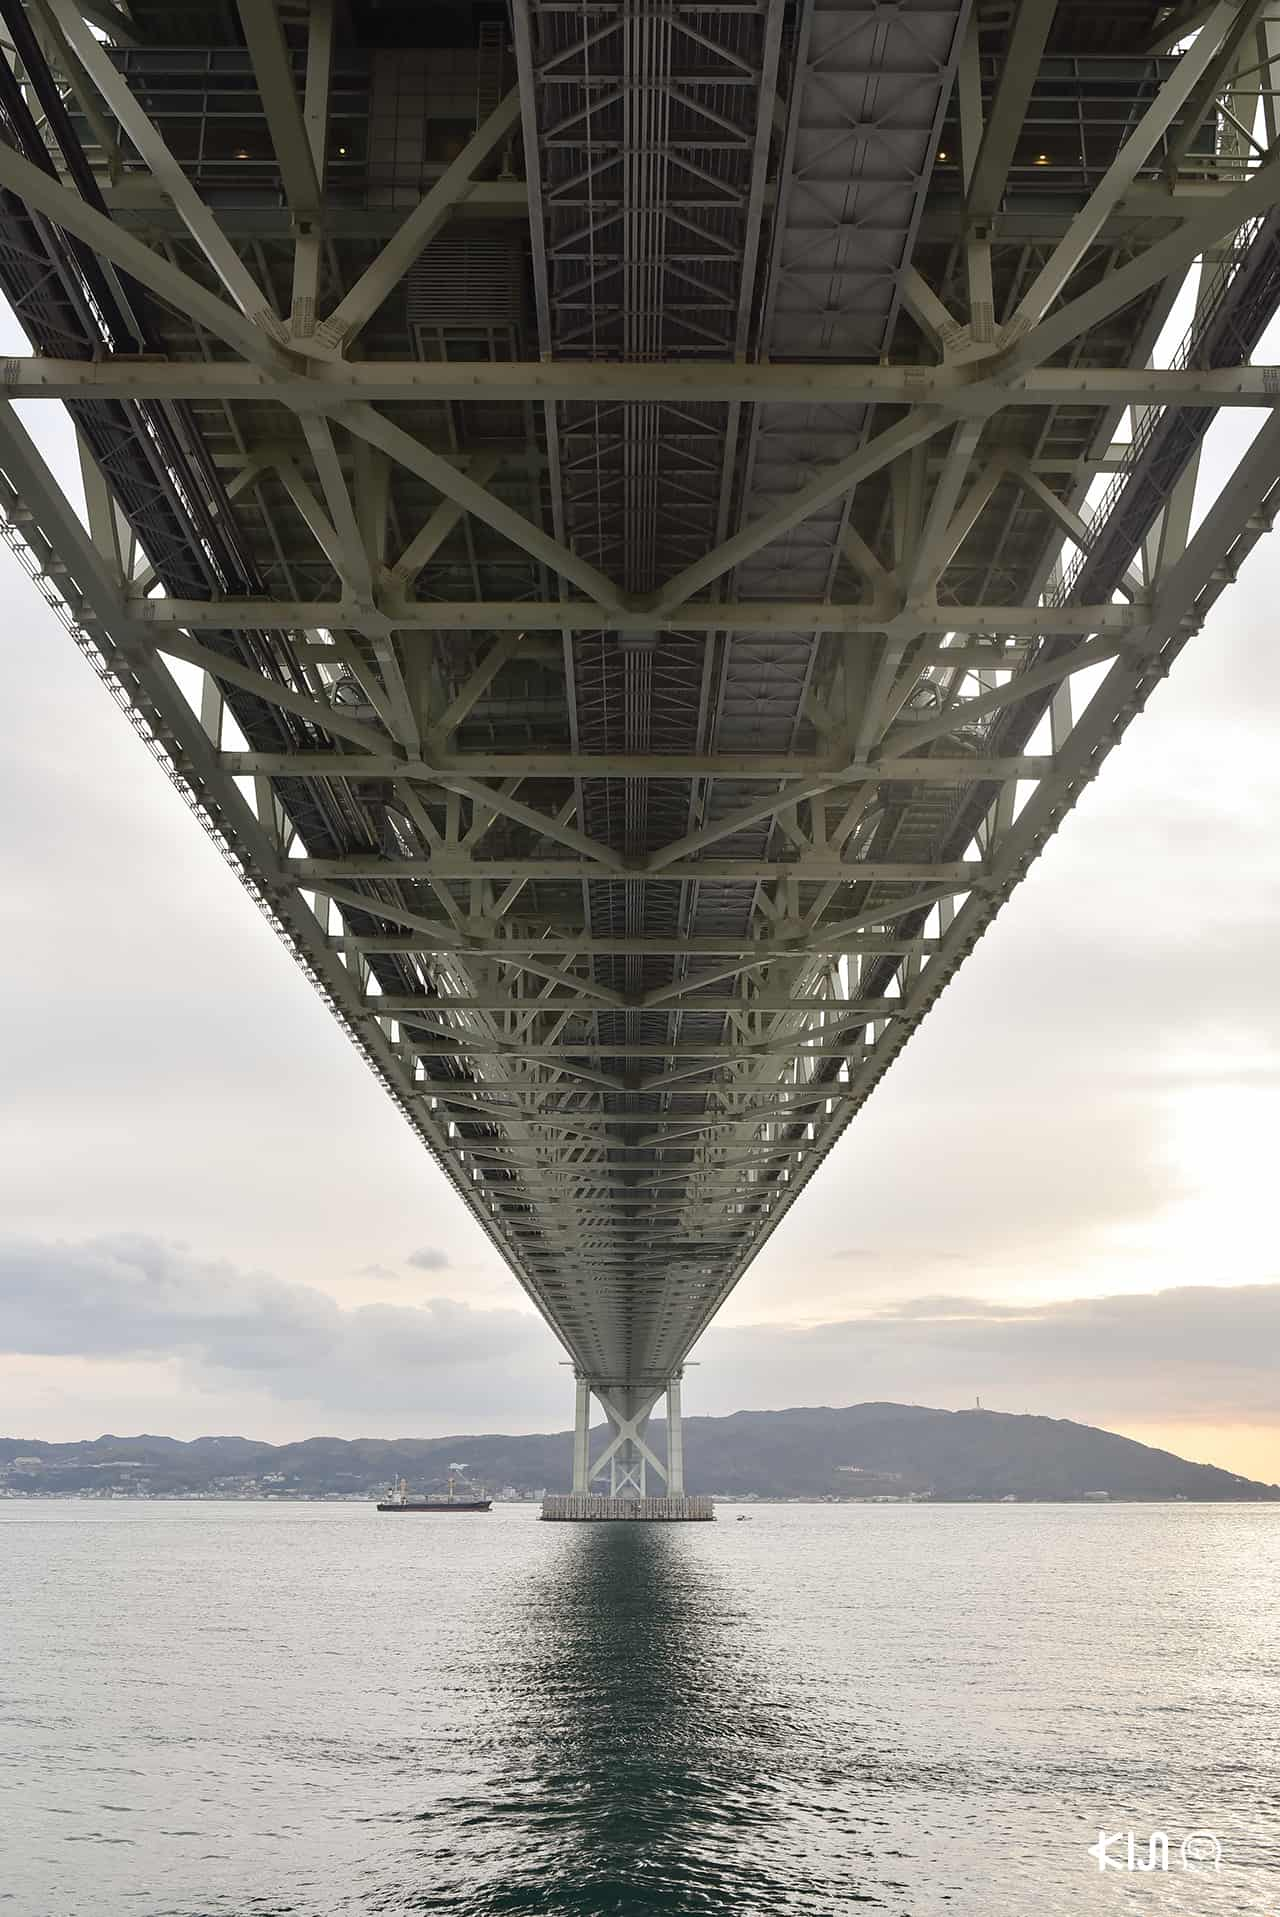 Akashi Kaikyo Bridge 明石海峡大橋 West Kobe